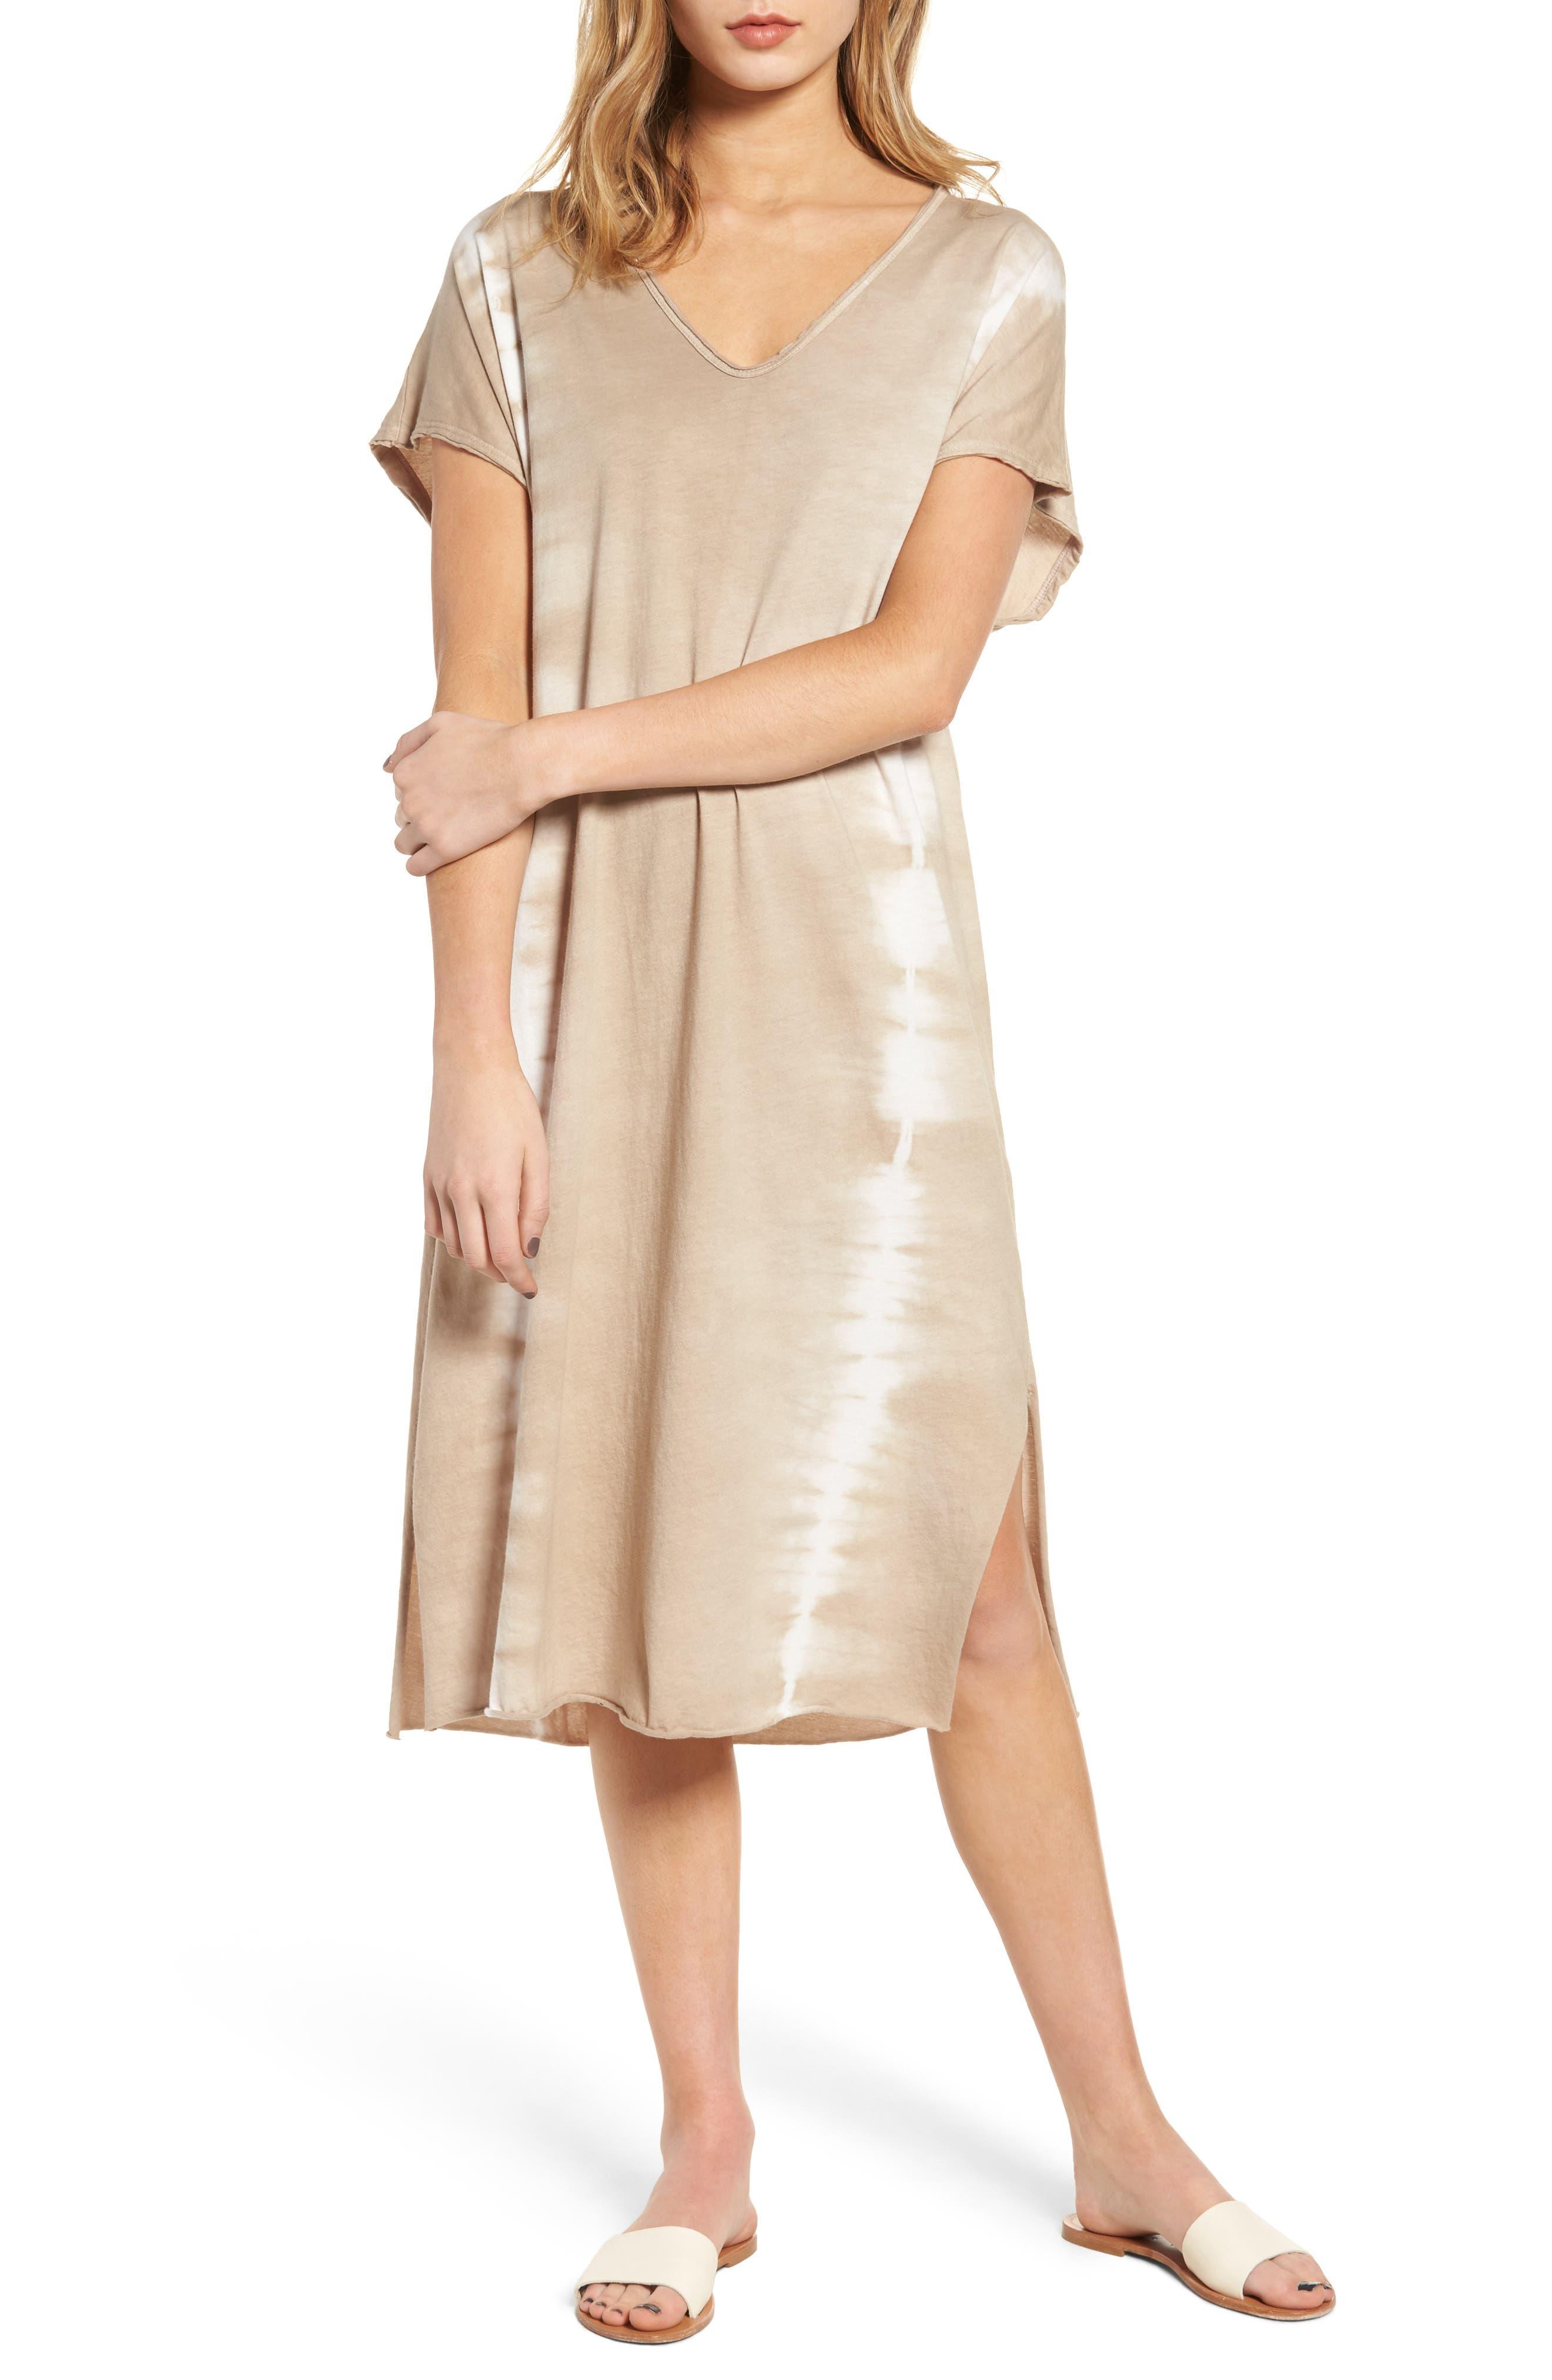 Lush Braid Detail Tie Dye Dress